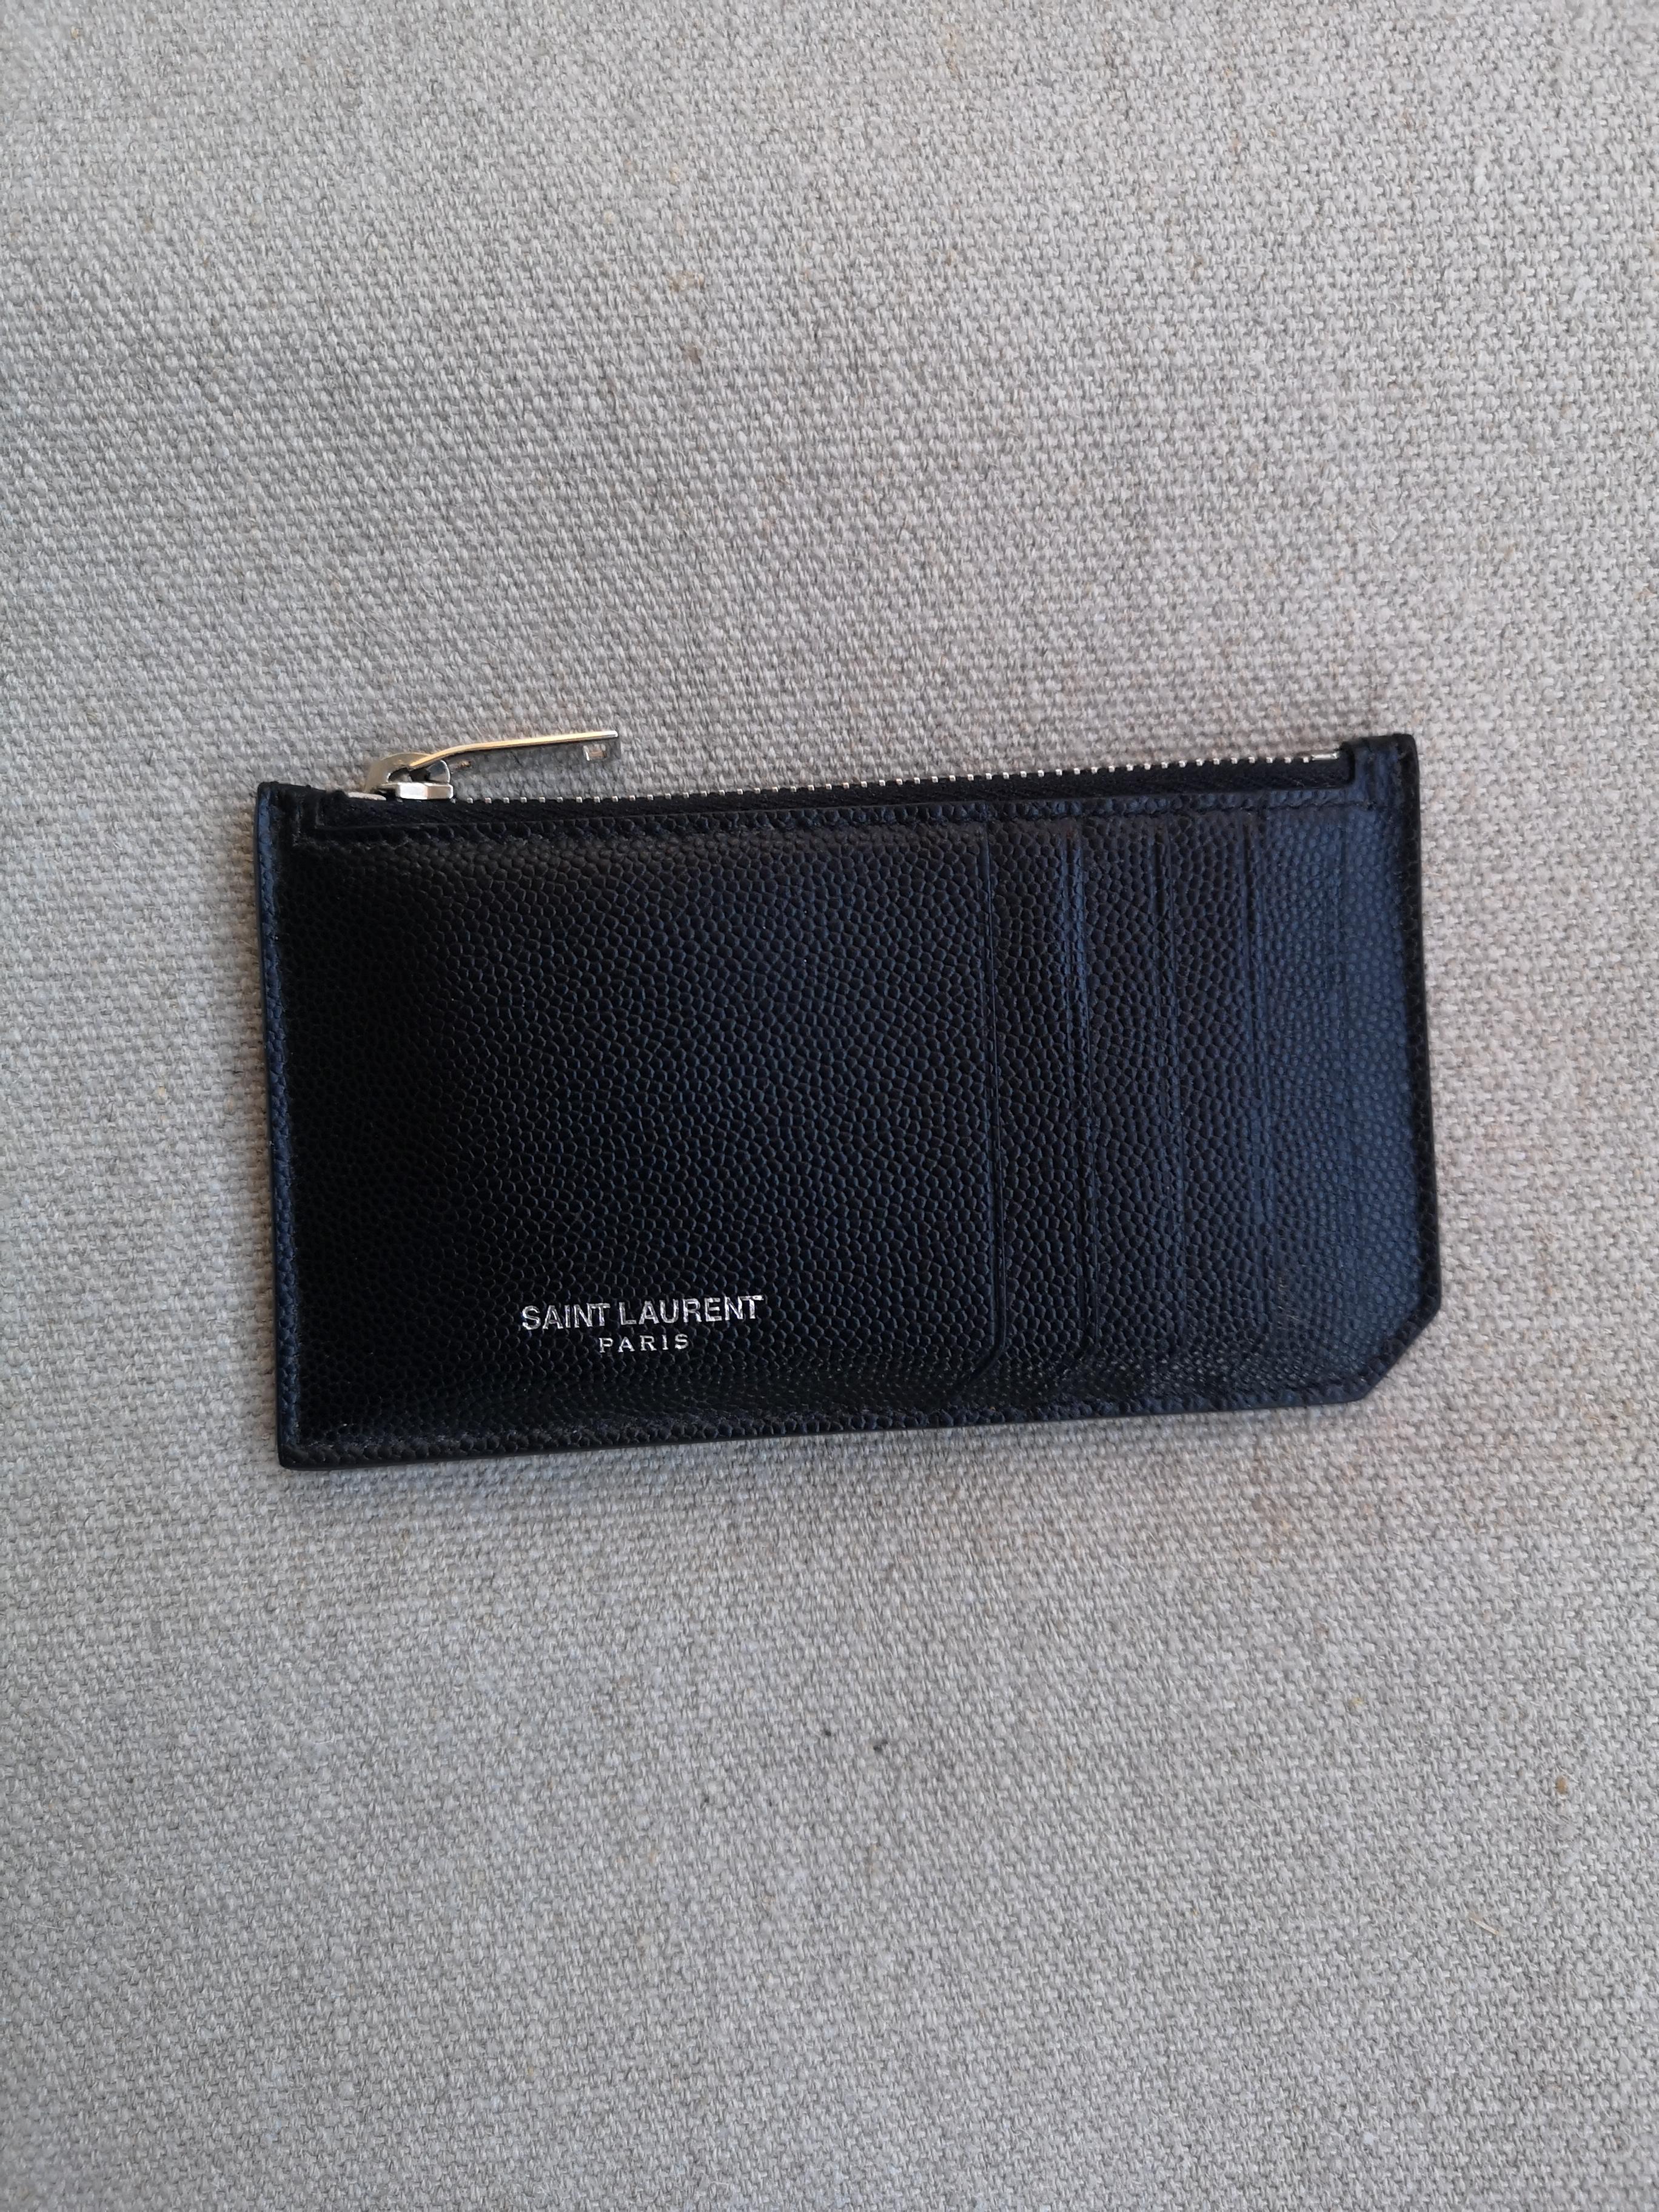 bc435f6eeed Saint Laurent Paris Saint Laurent Fragment Leather Zip Card Holder ...